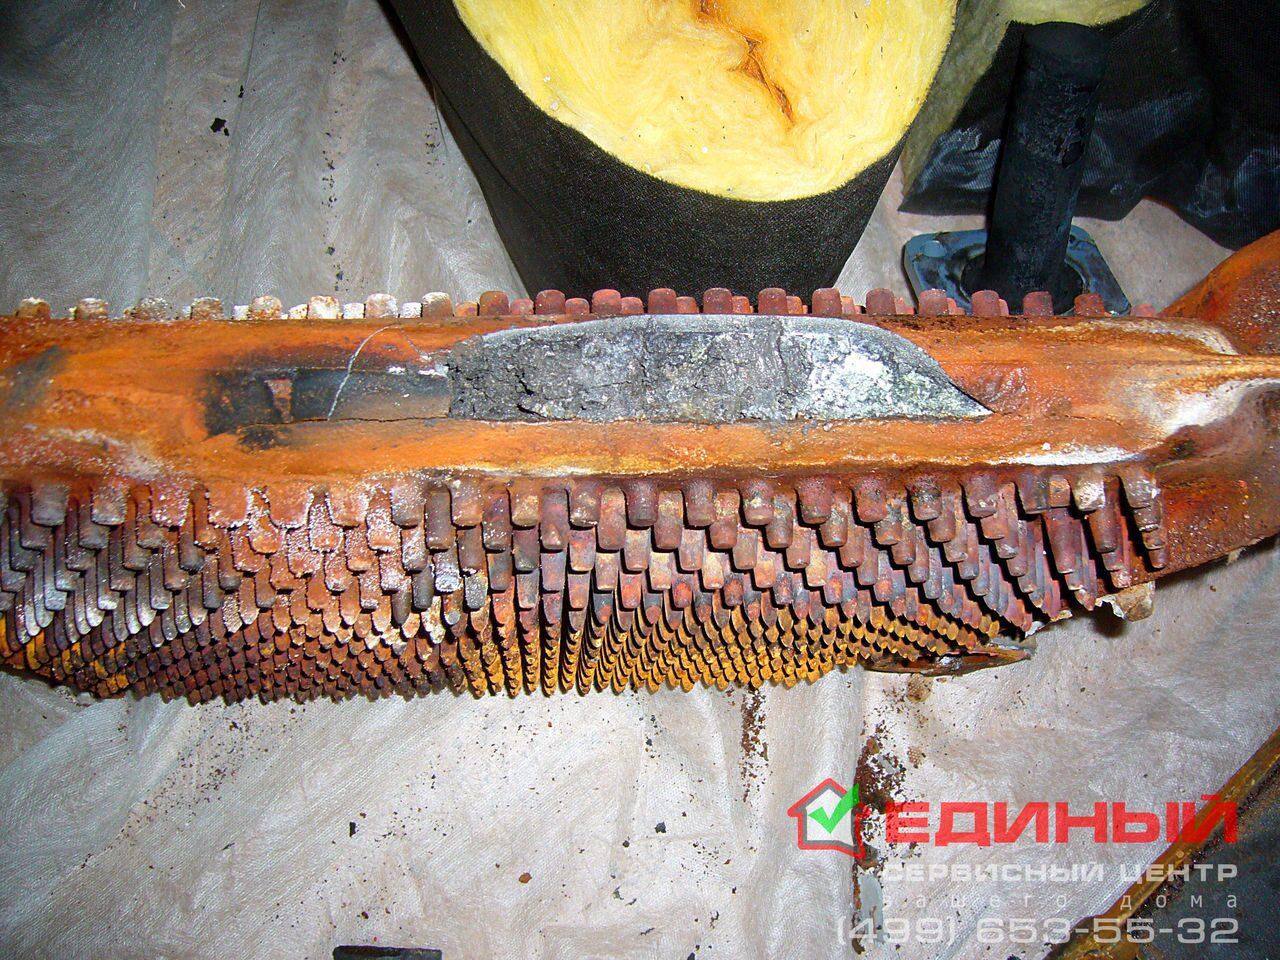 Теплообменник лопнул у котла Кожухотрубный конденсатор ONDA L 19.304.2438 Нижний Тагил